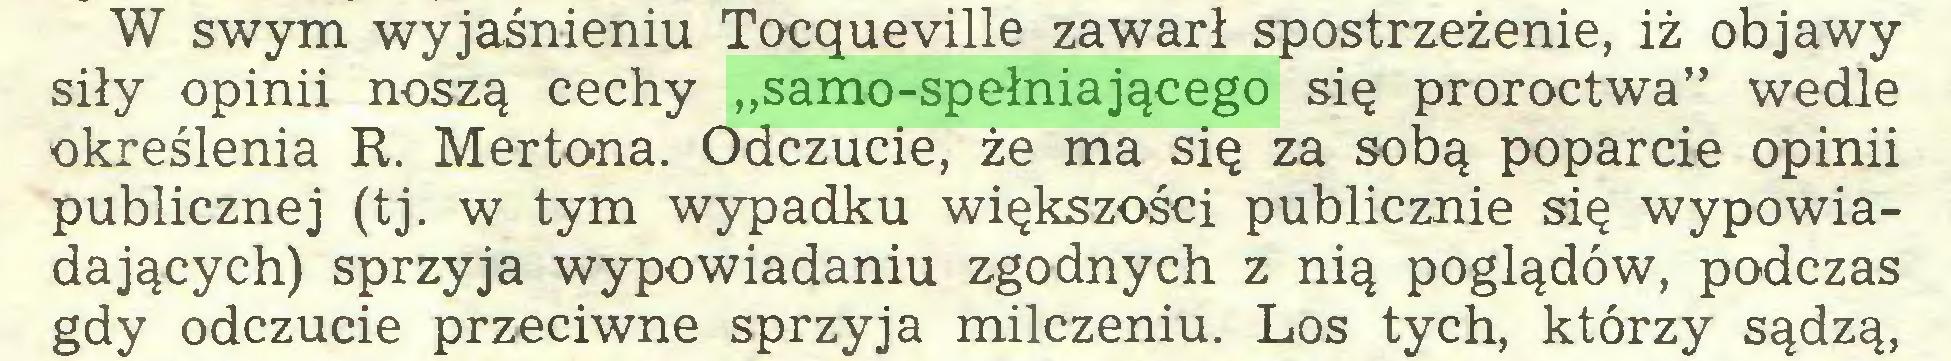 """(...) W swym wyjaśnieniu Tocqueville zawarł spostrzeżenie, iż objawy siły opinii noszą cechy """"samo-spełniającego się proroctwa"""" wedle określenia R. Mertona. Odczucie, że ma się za sobą poparcie opinii publicznej (tj. w tym wypadku większości publicznie się wypowiadających) sprzyja wypowiadaniu zgodnych z nią poglądów, podczas gdy odczucie przeciwne sprzyja milczeniu. Los tych, którzy sądzą,..."""